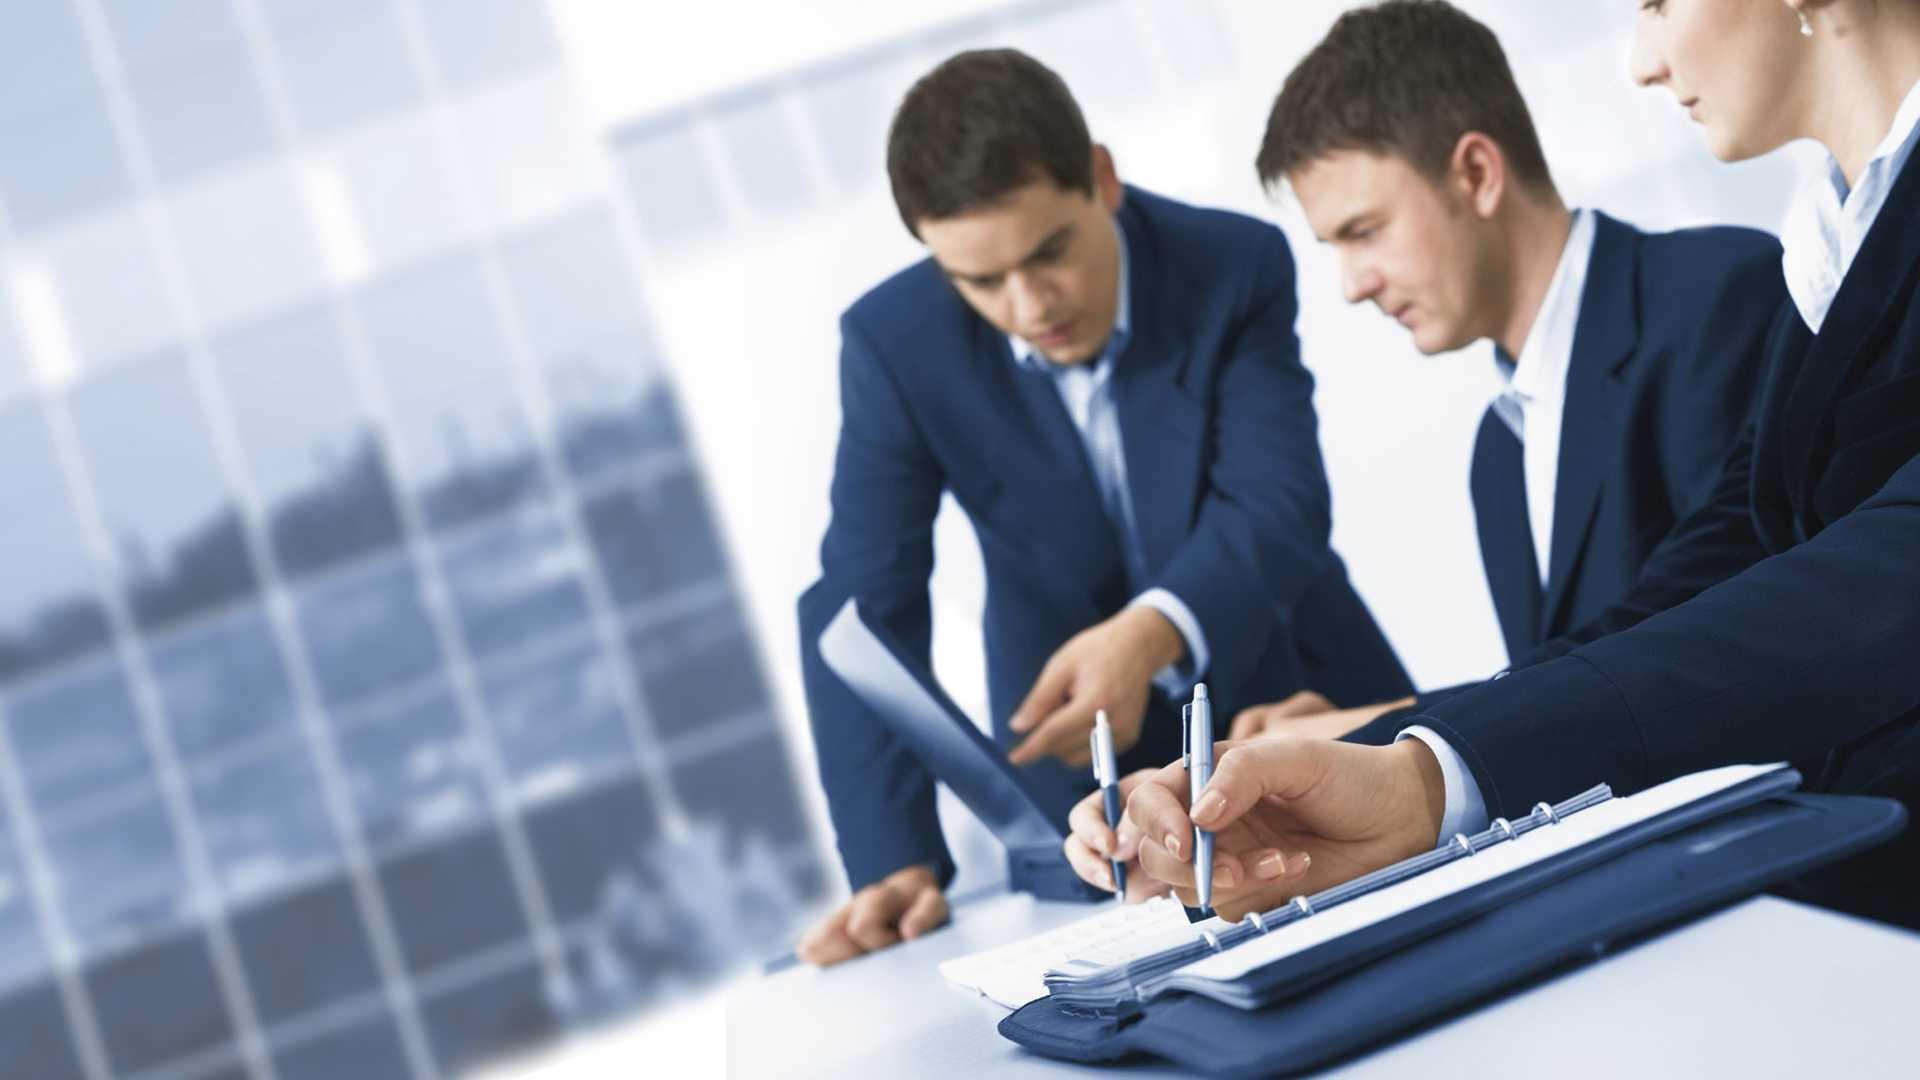 Високи технологии в бизнеса